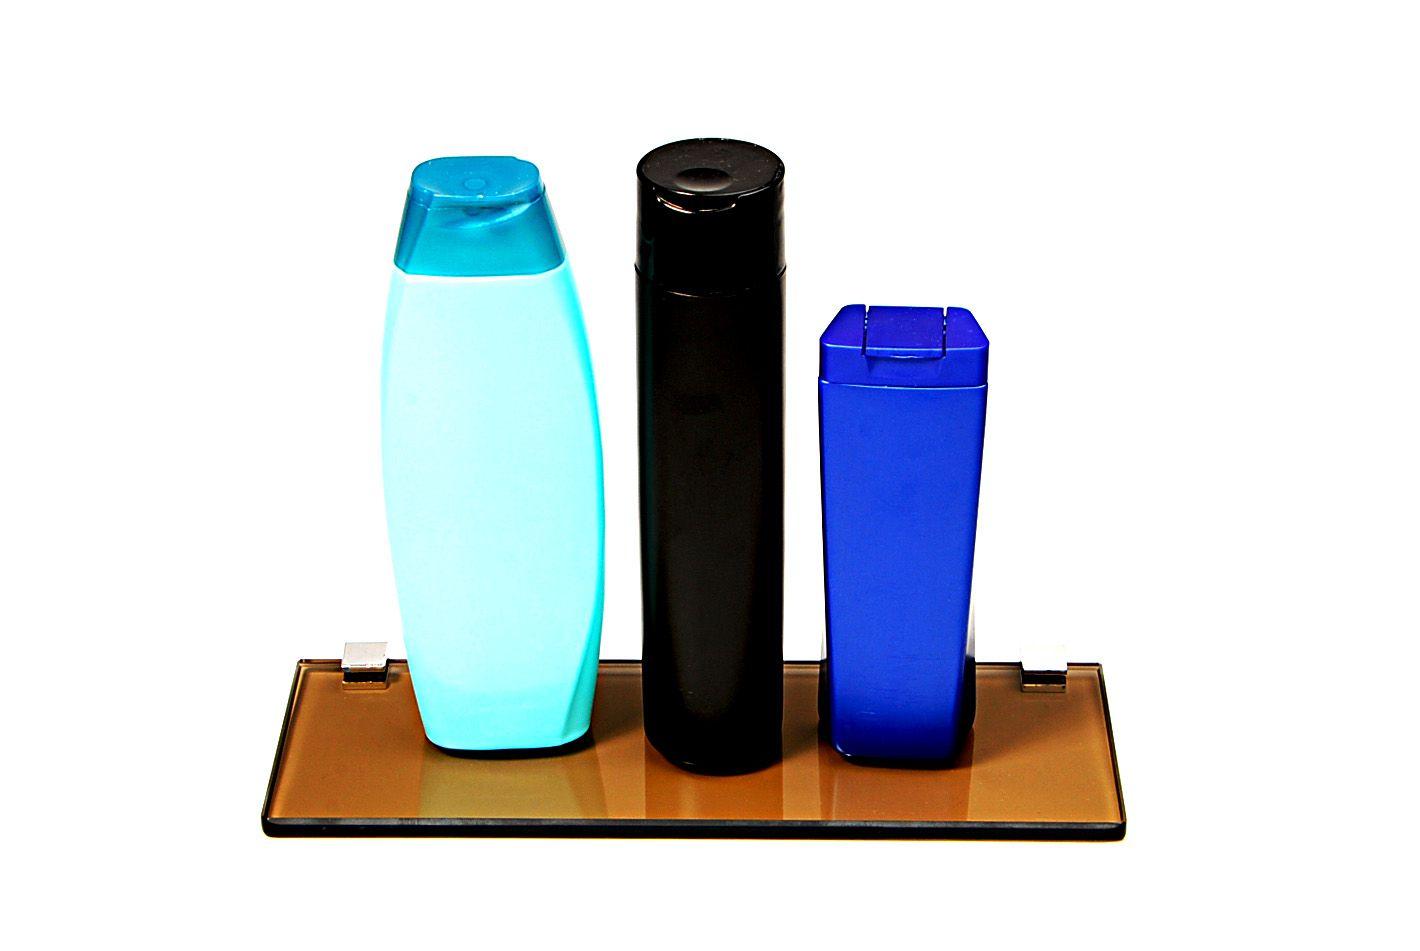 Porta Shampoo Reto em Vidro Bronze Lapidado - Aquabox  - 30cmx9cmx8mm